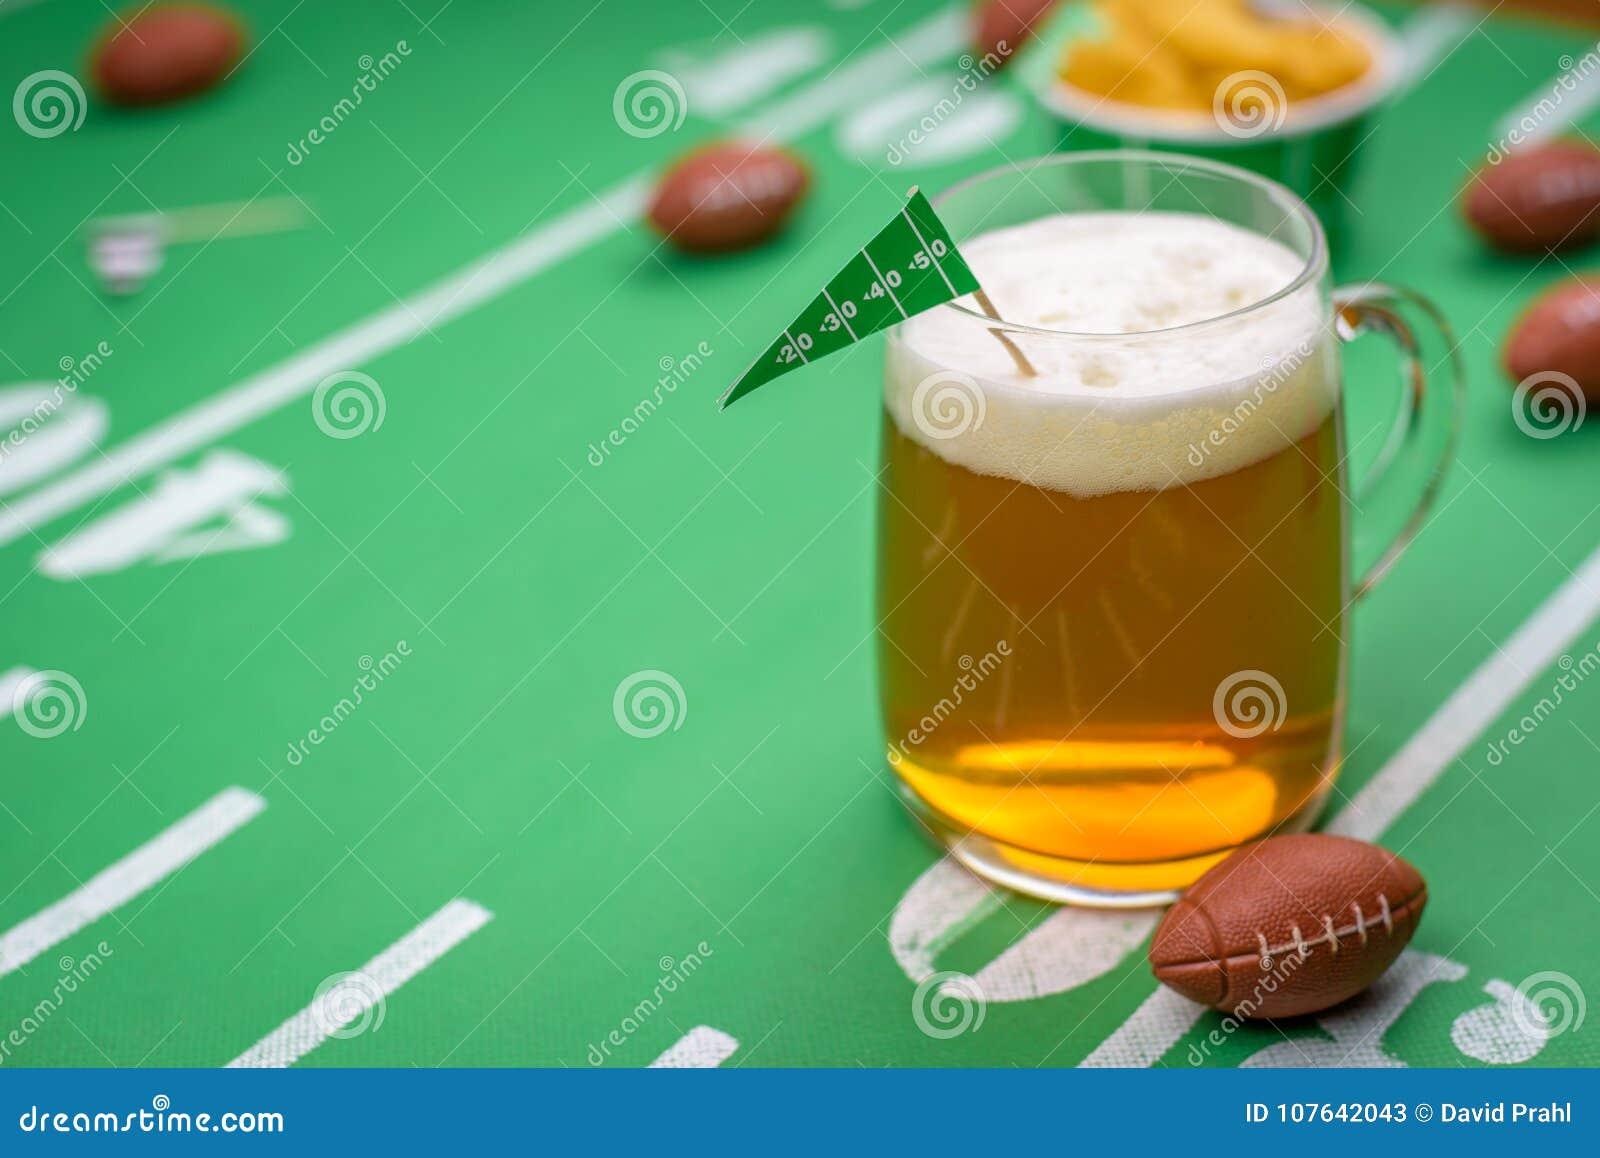 大玻璃杯子在桌上的冰镇啤酒与superbowl党装饰